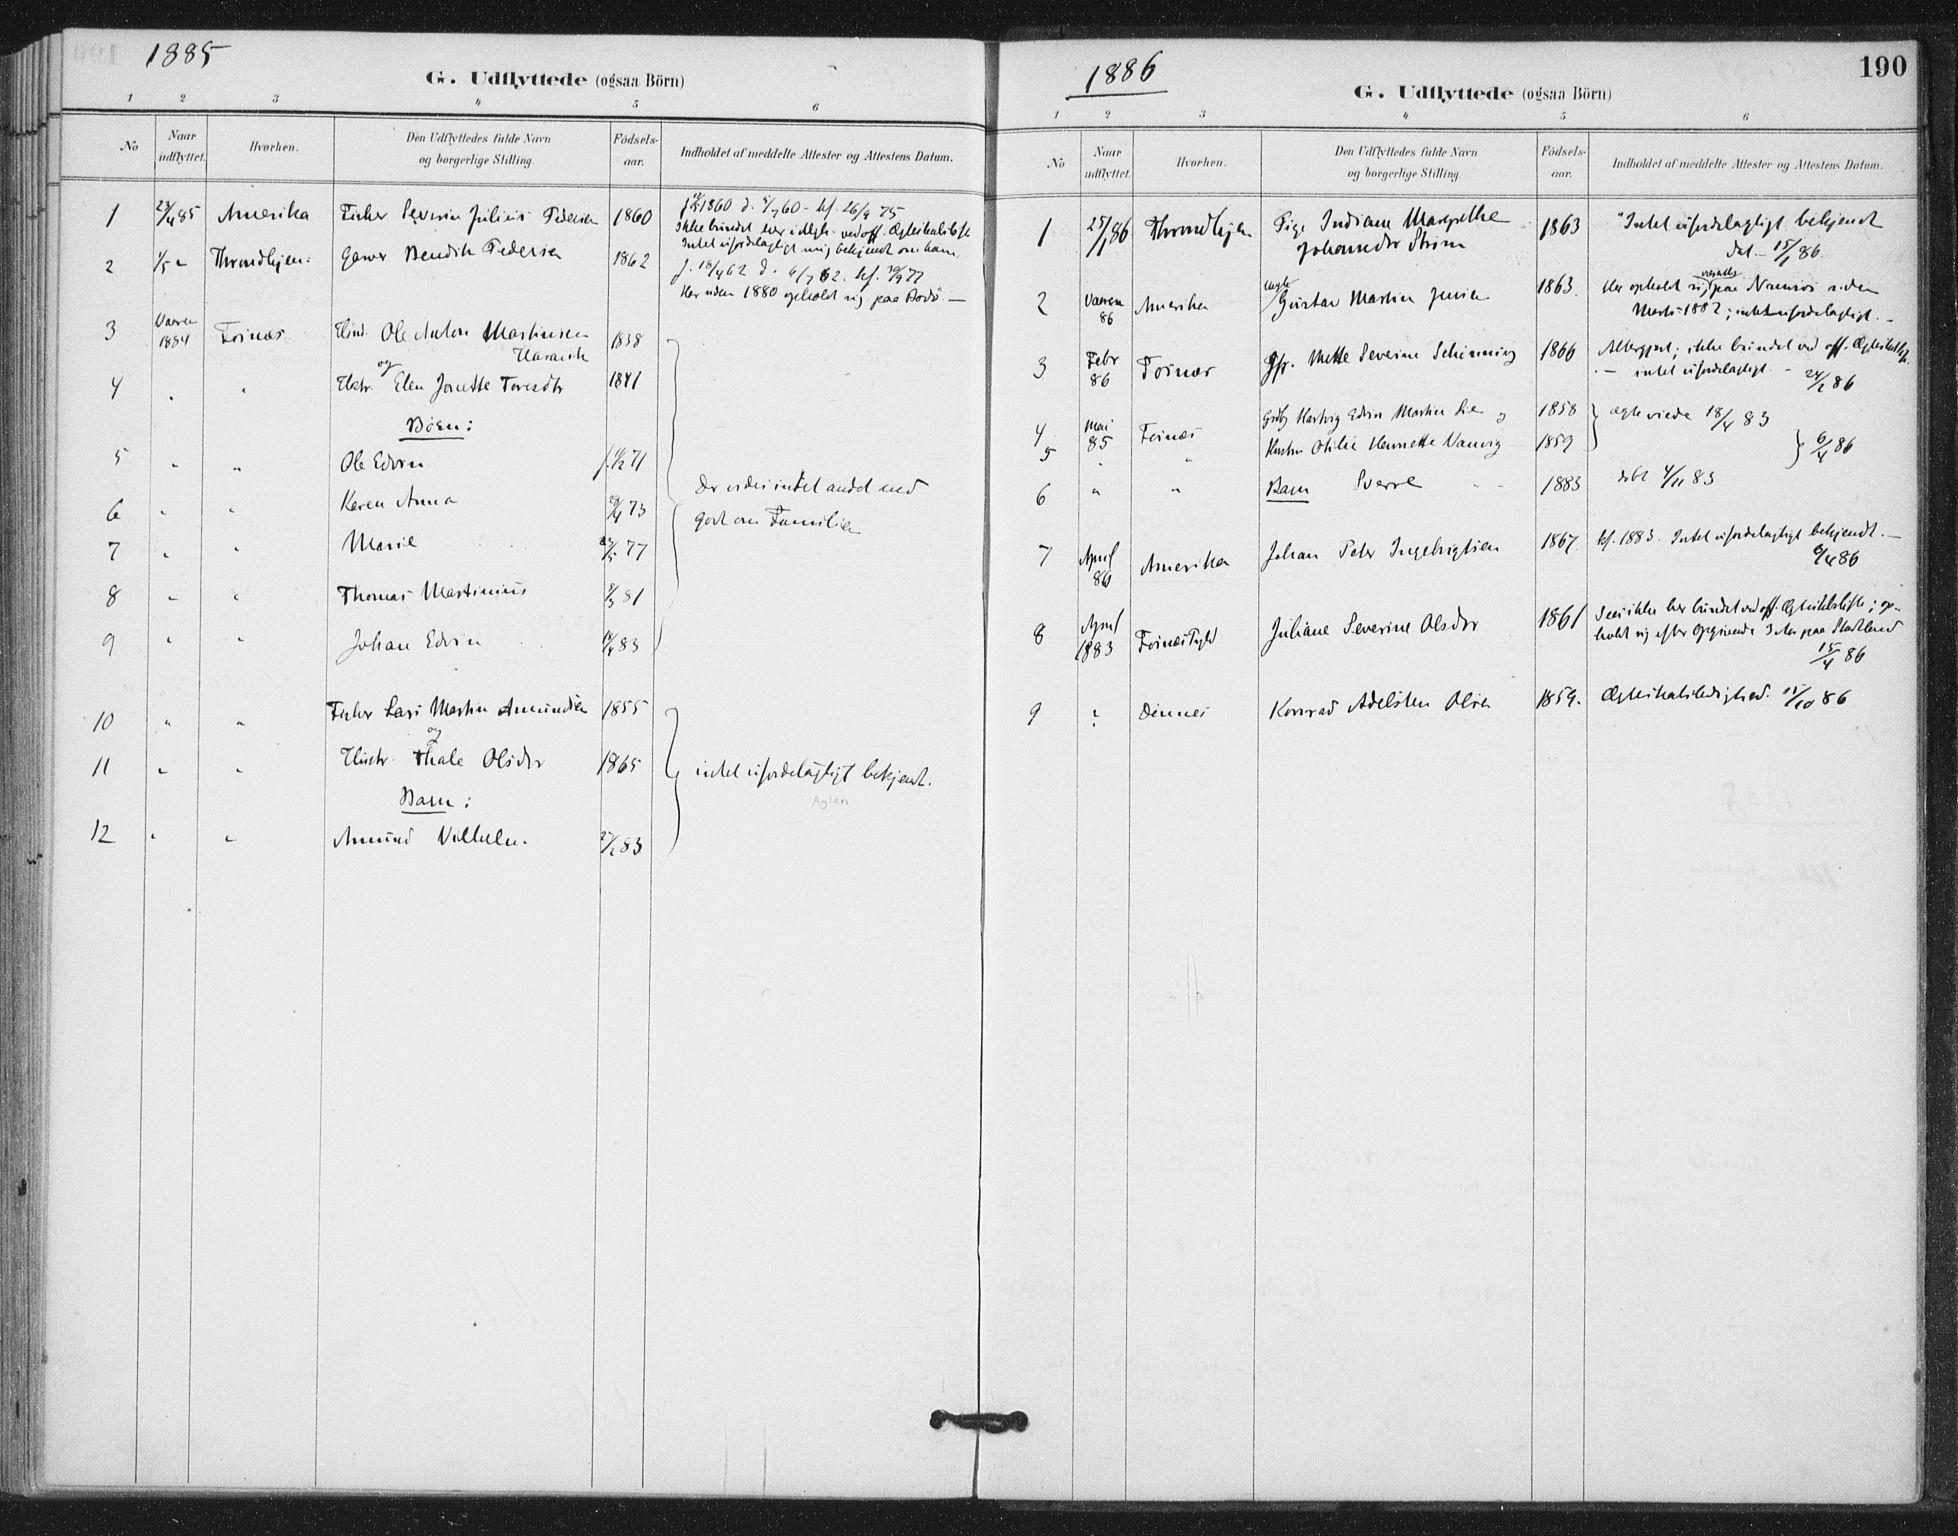 SAT, Ministerialprotokoller, klokkerbøker og fødselsregistre - Nord-Trøndelag, 772/L0603: Ministerialbok nr. 772A01, 1885-1912, s. 190